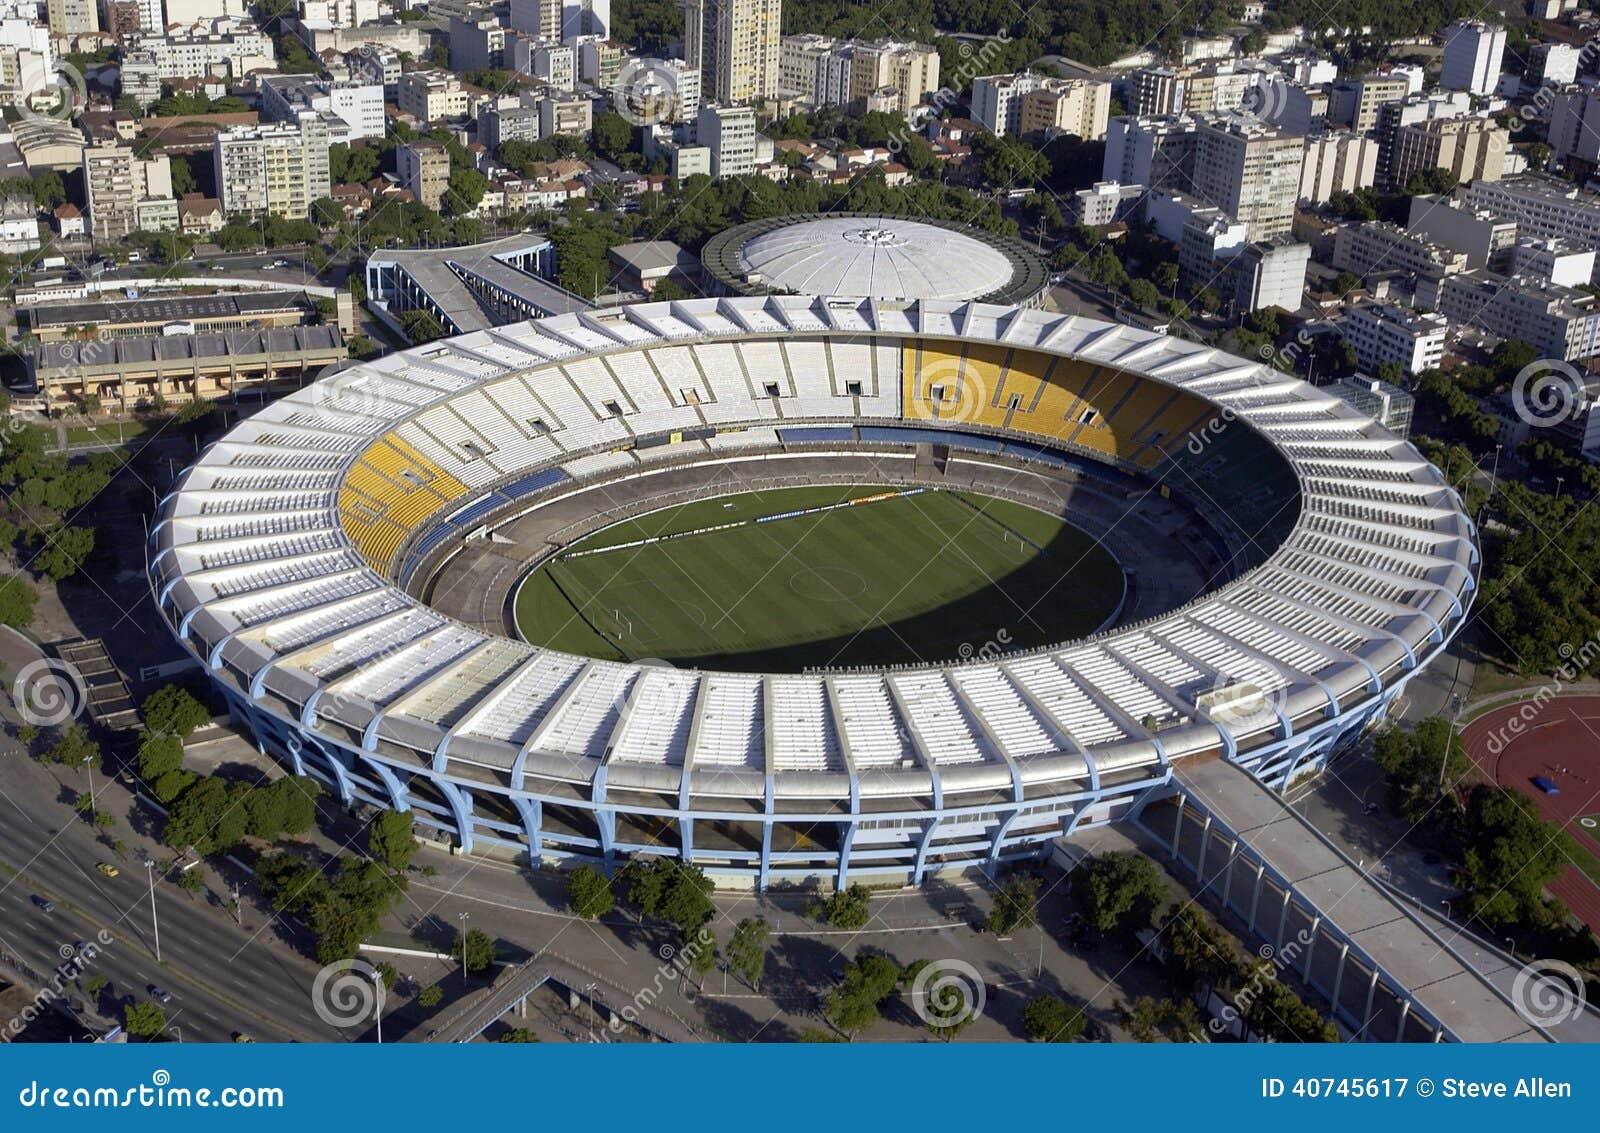 Estadio hace Maracana - el estadio de Maracana - Rio de Janeiro - el Brasil